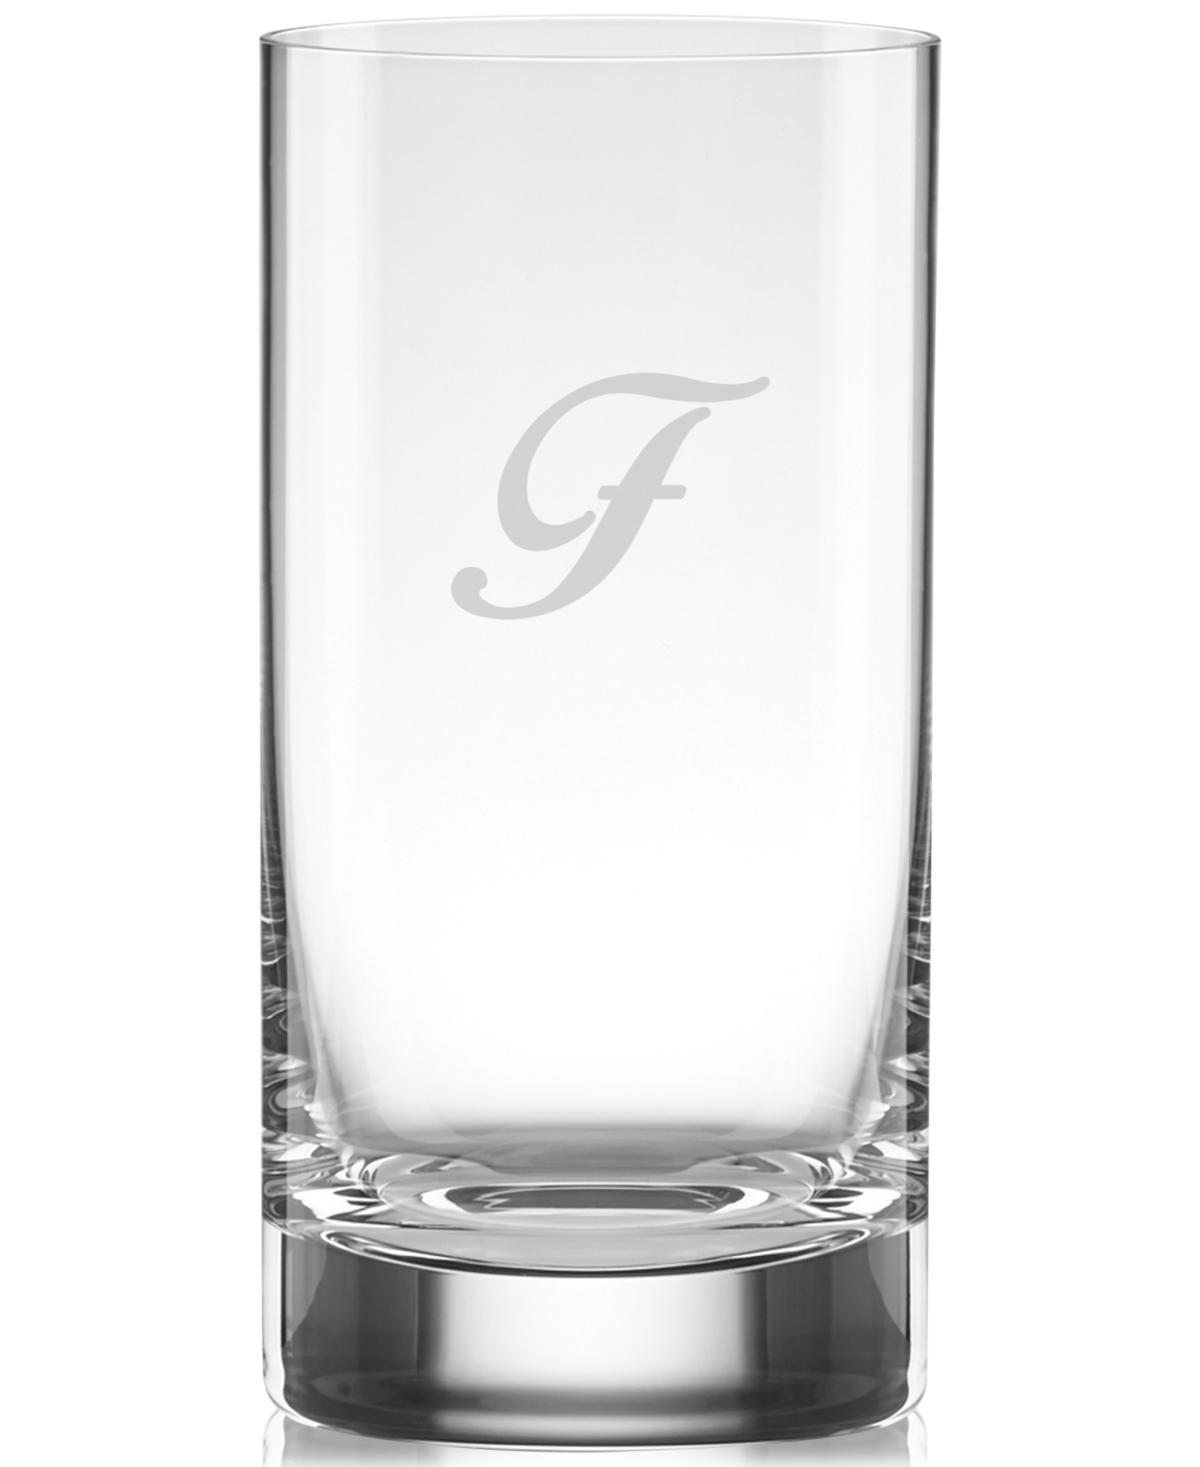 Lenox Tuscany Monogram Barware, Set of 4 Script Letter Highball Glasses